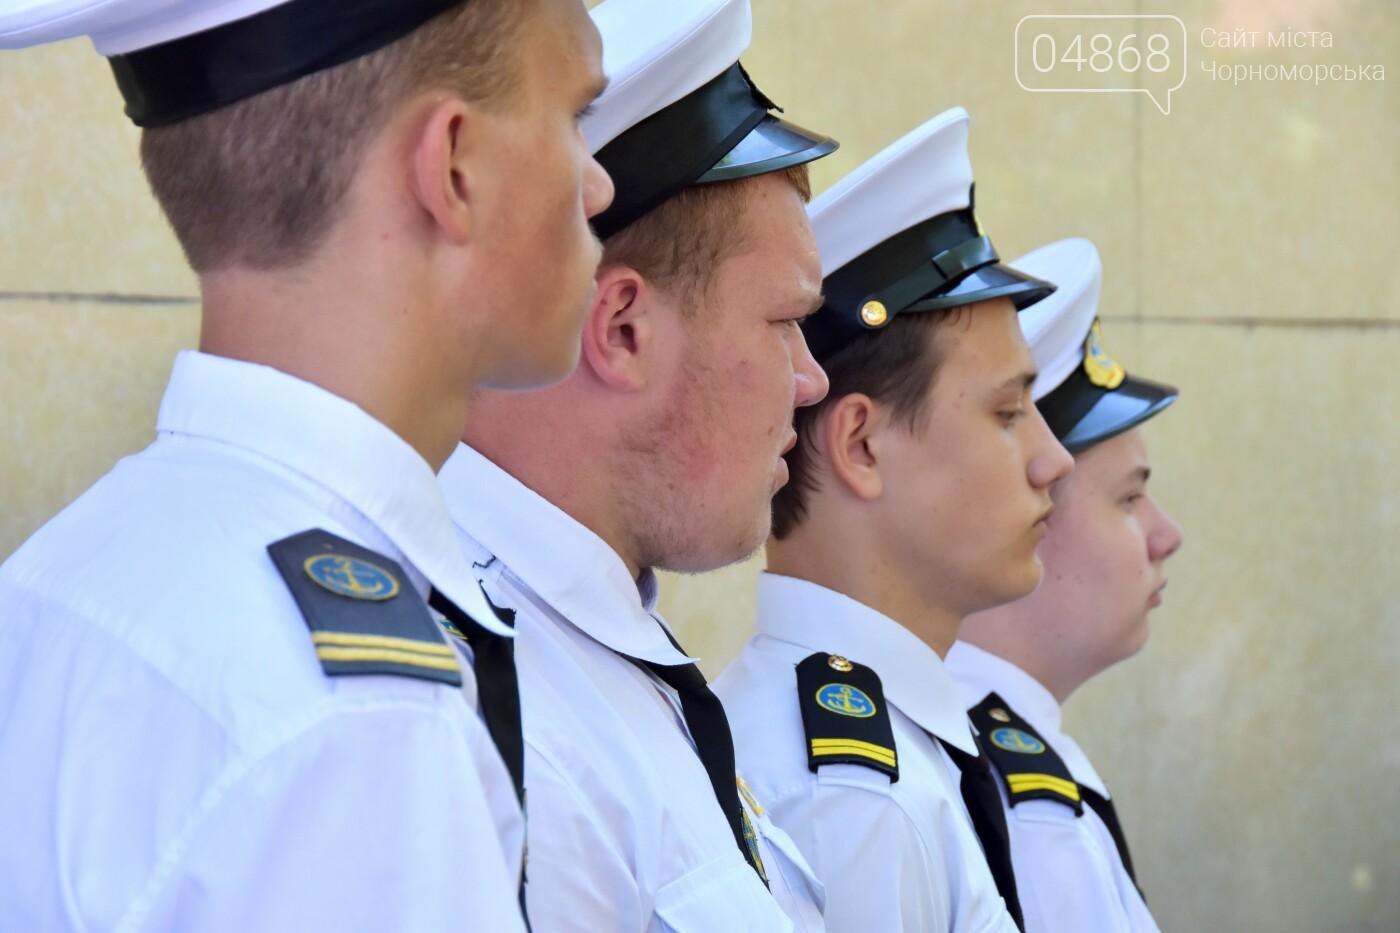 В Черноморске состоялось открытие мемориальной доски памяти Александра Владимирского (видео) , фото-1